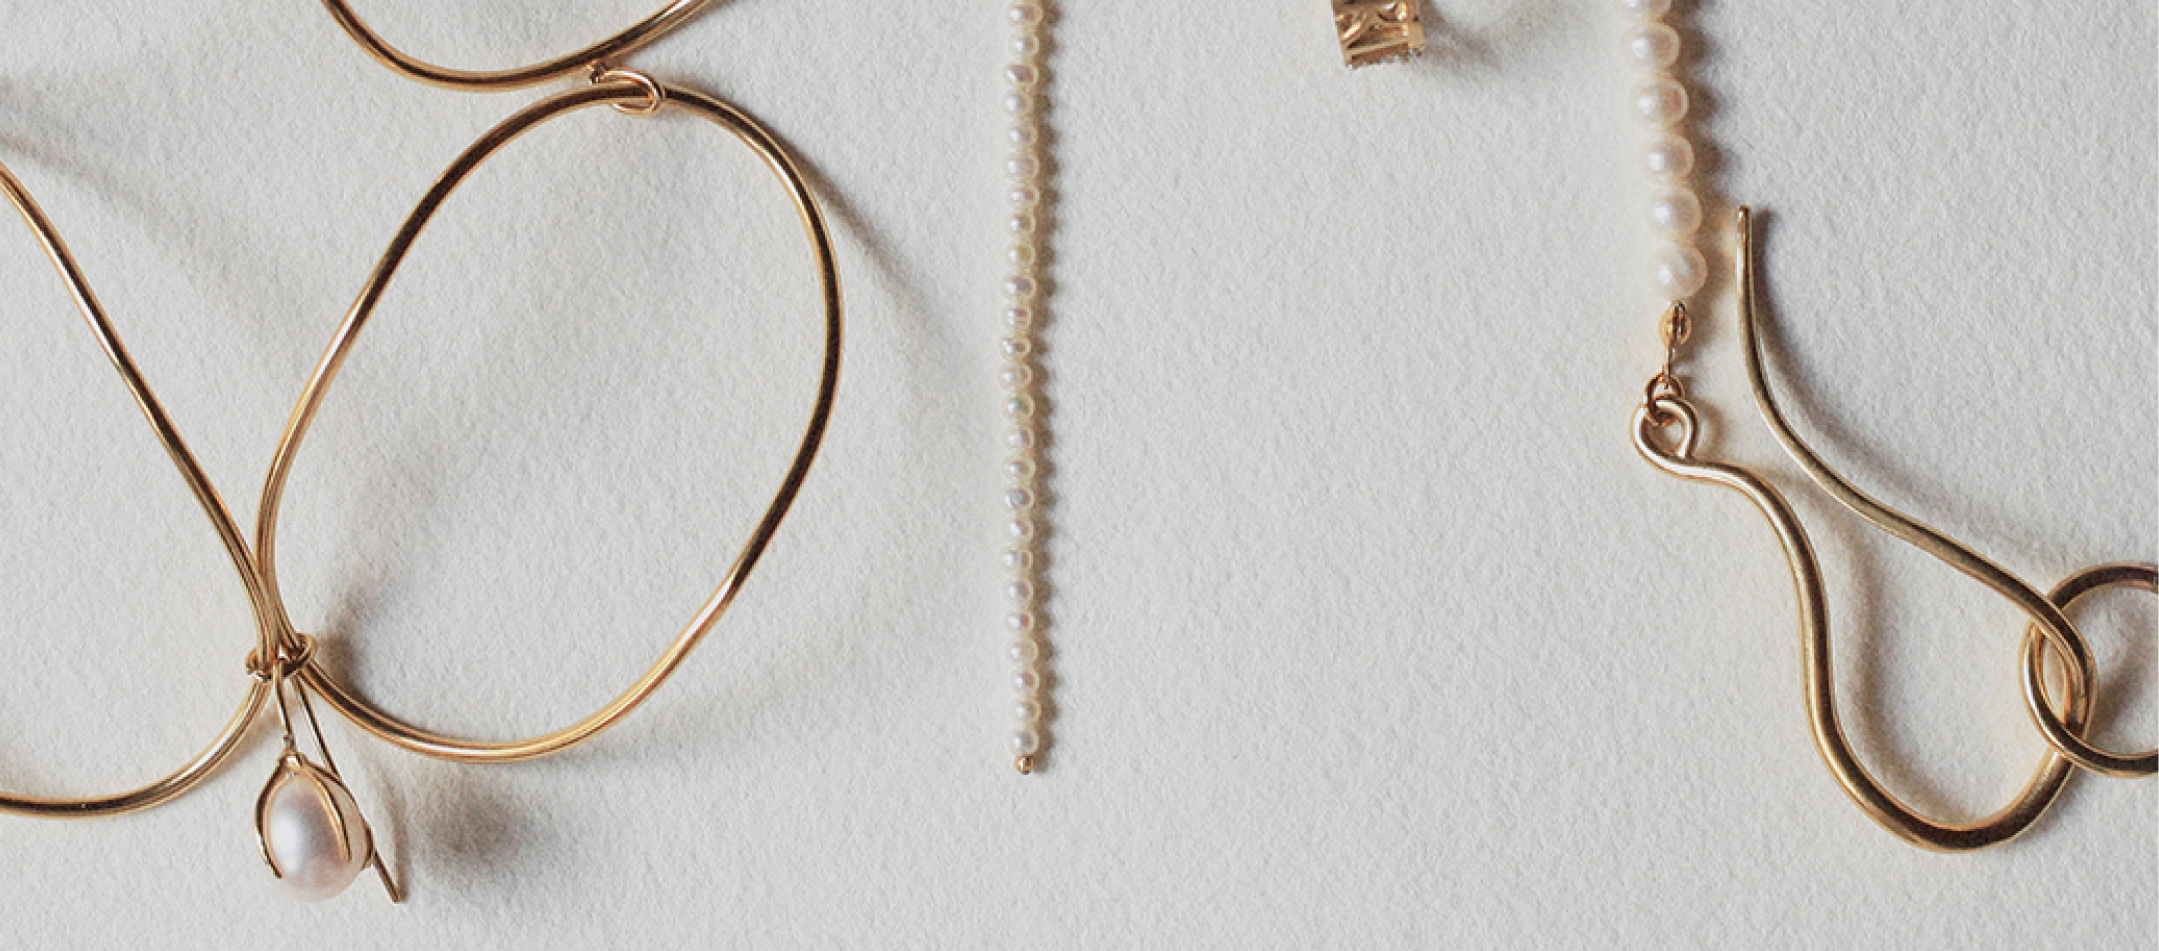 Atelier Fine jewelry